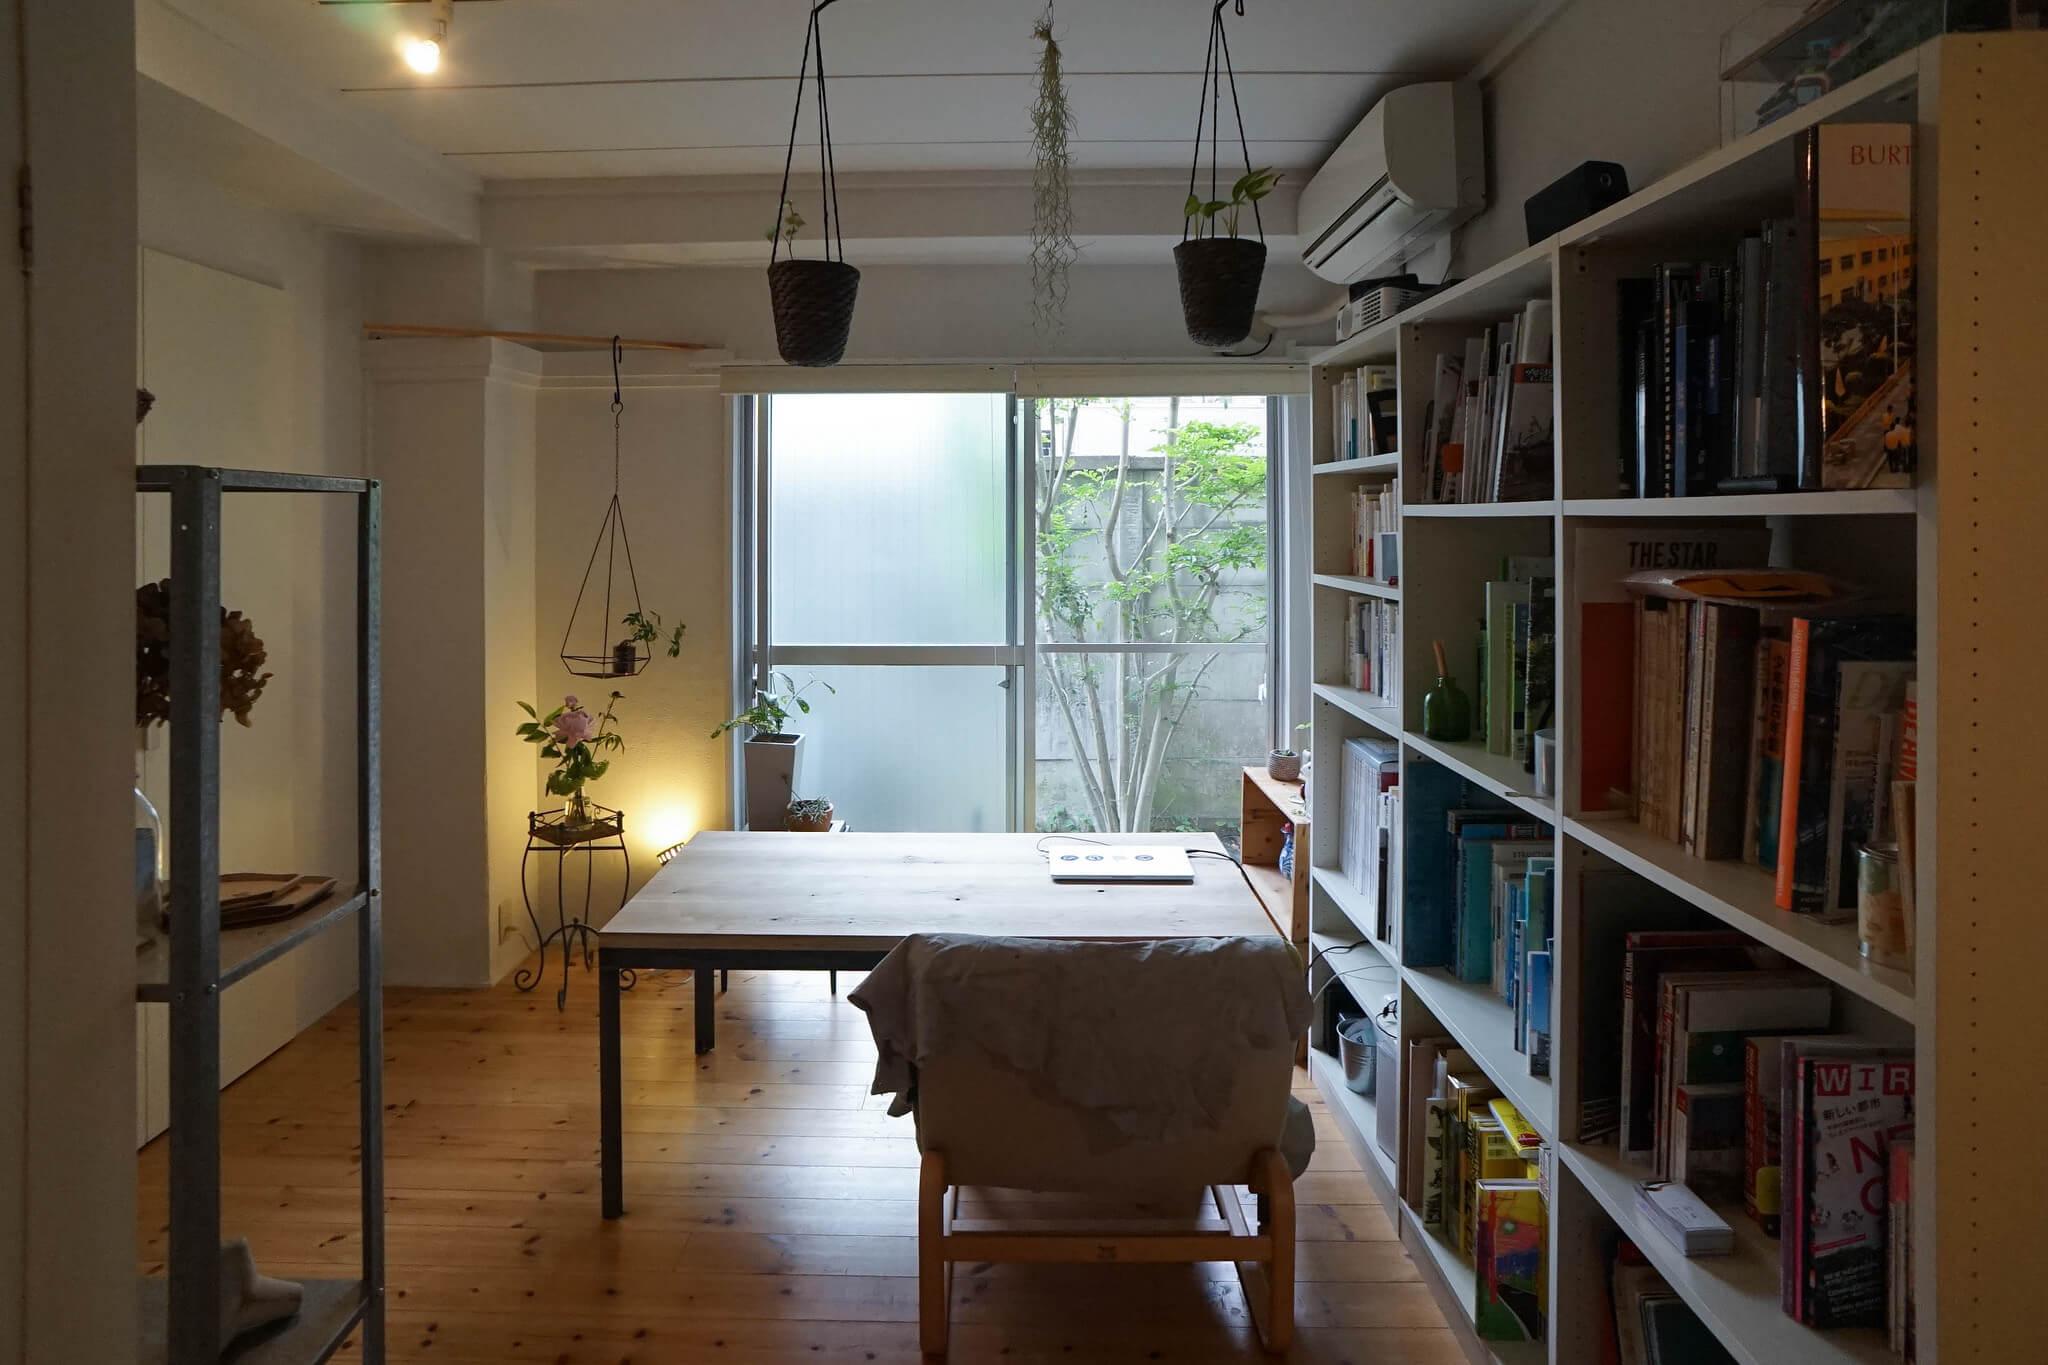 築浅の部屋がお得だと思っていたけれど……リノベーション賃貸に2年住んで思ったこと。